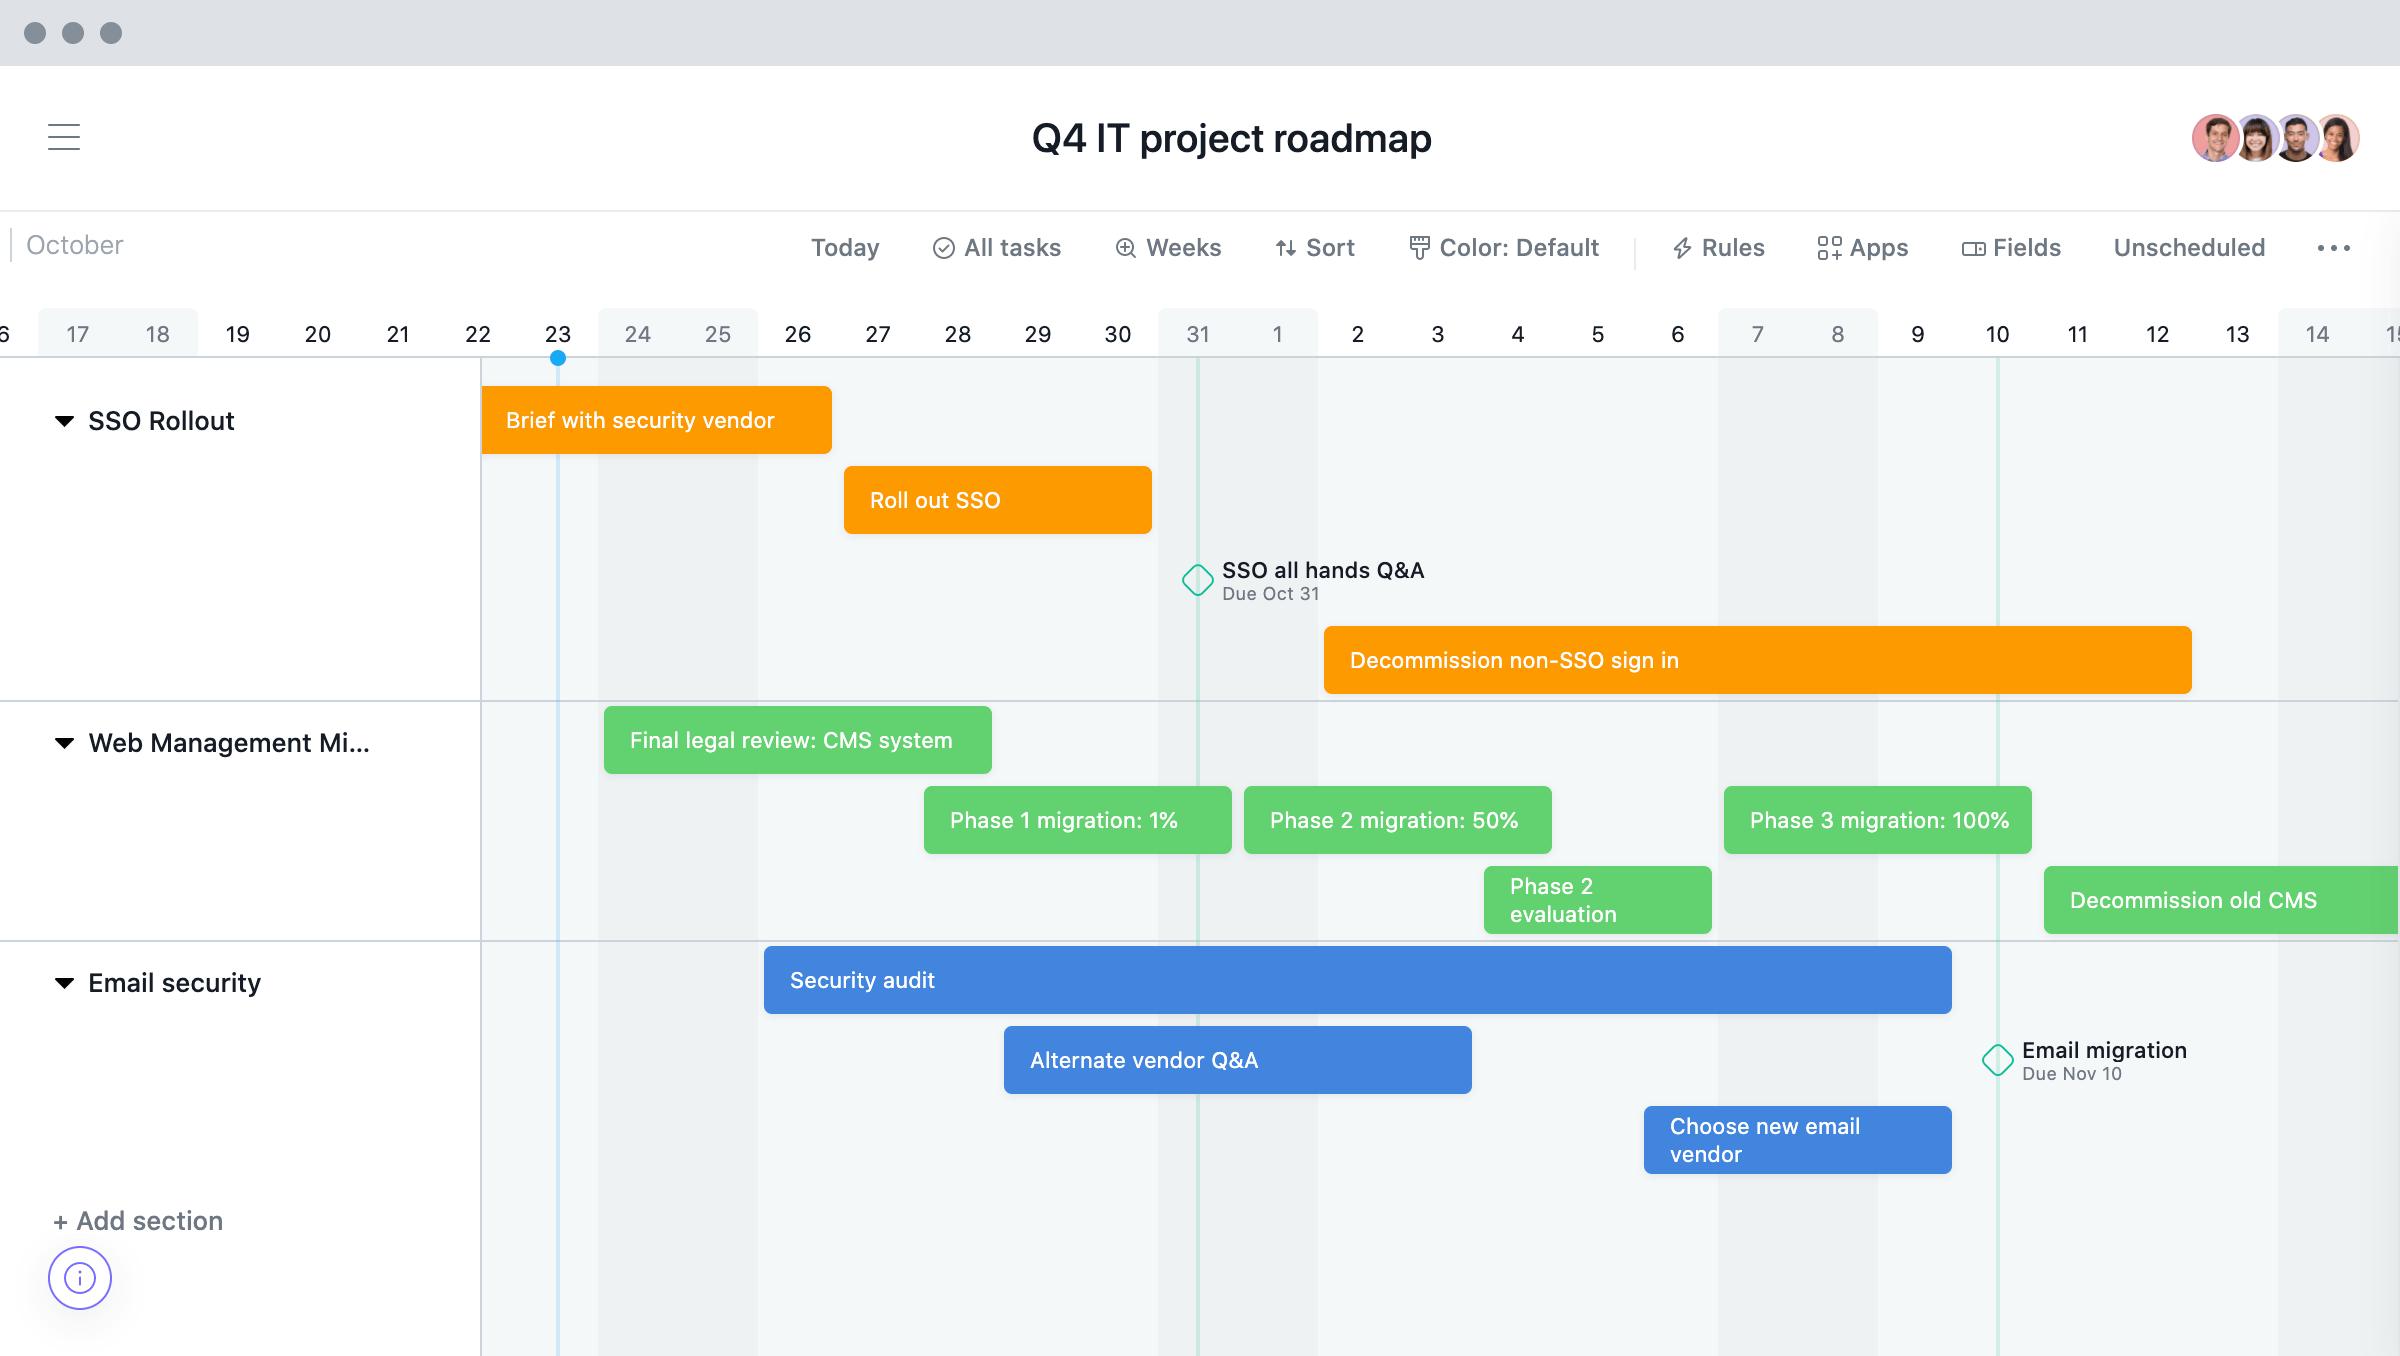 [Timeline view] IT project roadmap Gantt chart timeline in Asana